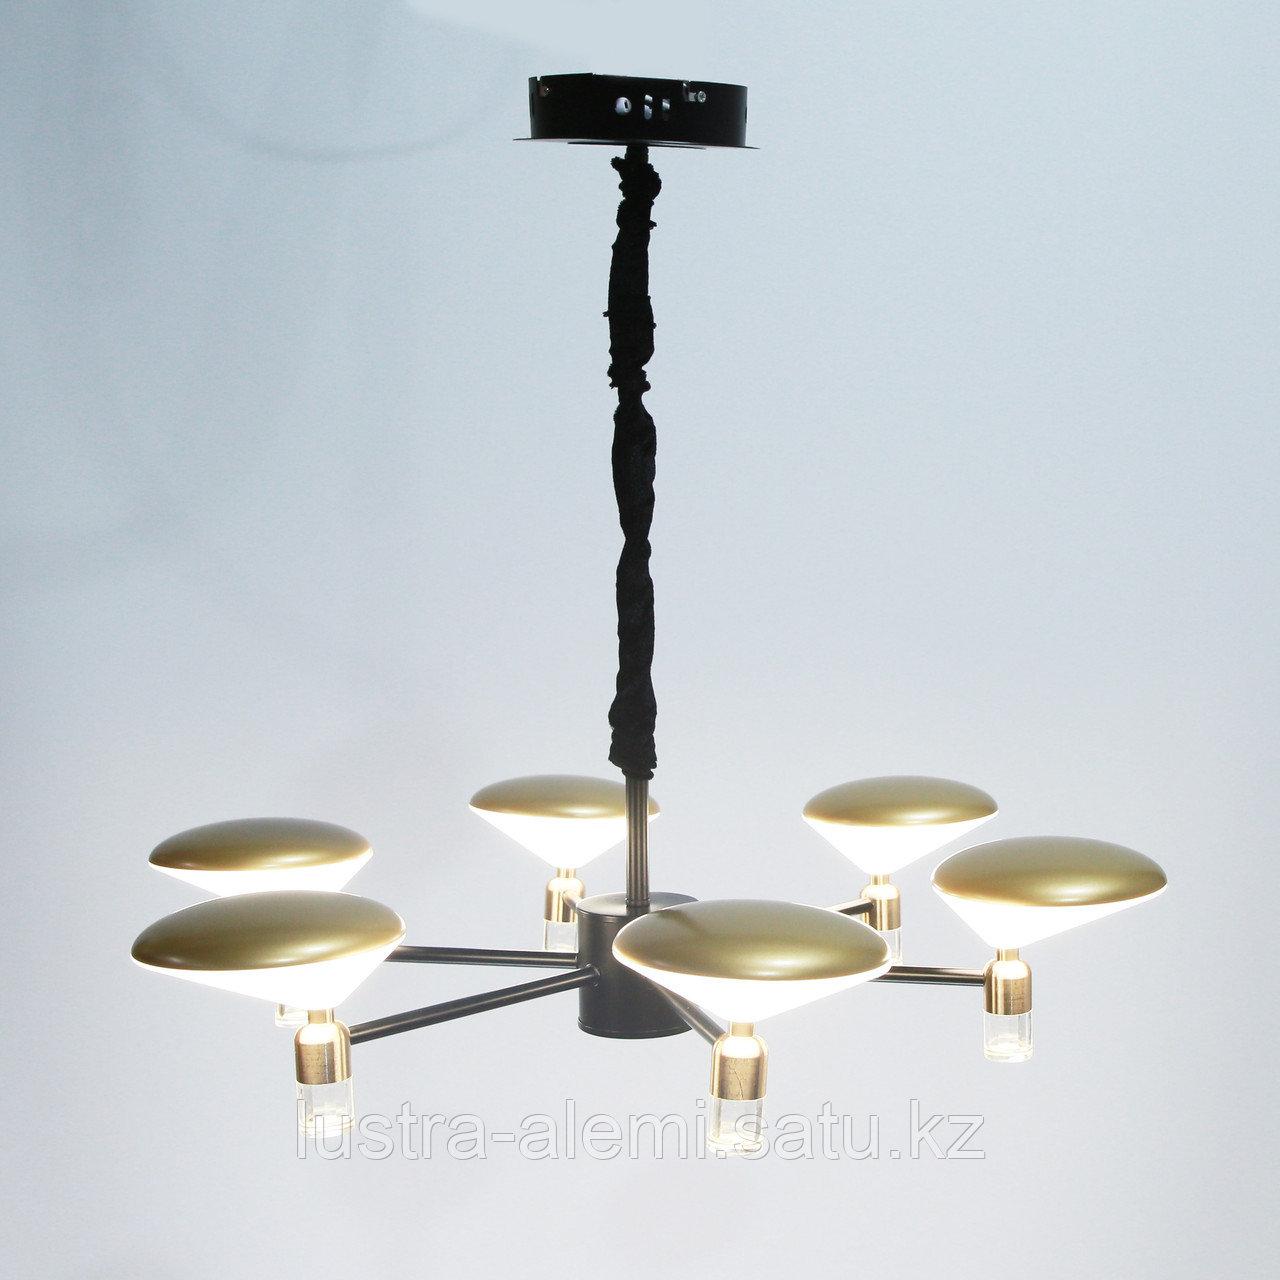 Люстра ЛЭД 8011/6 LED